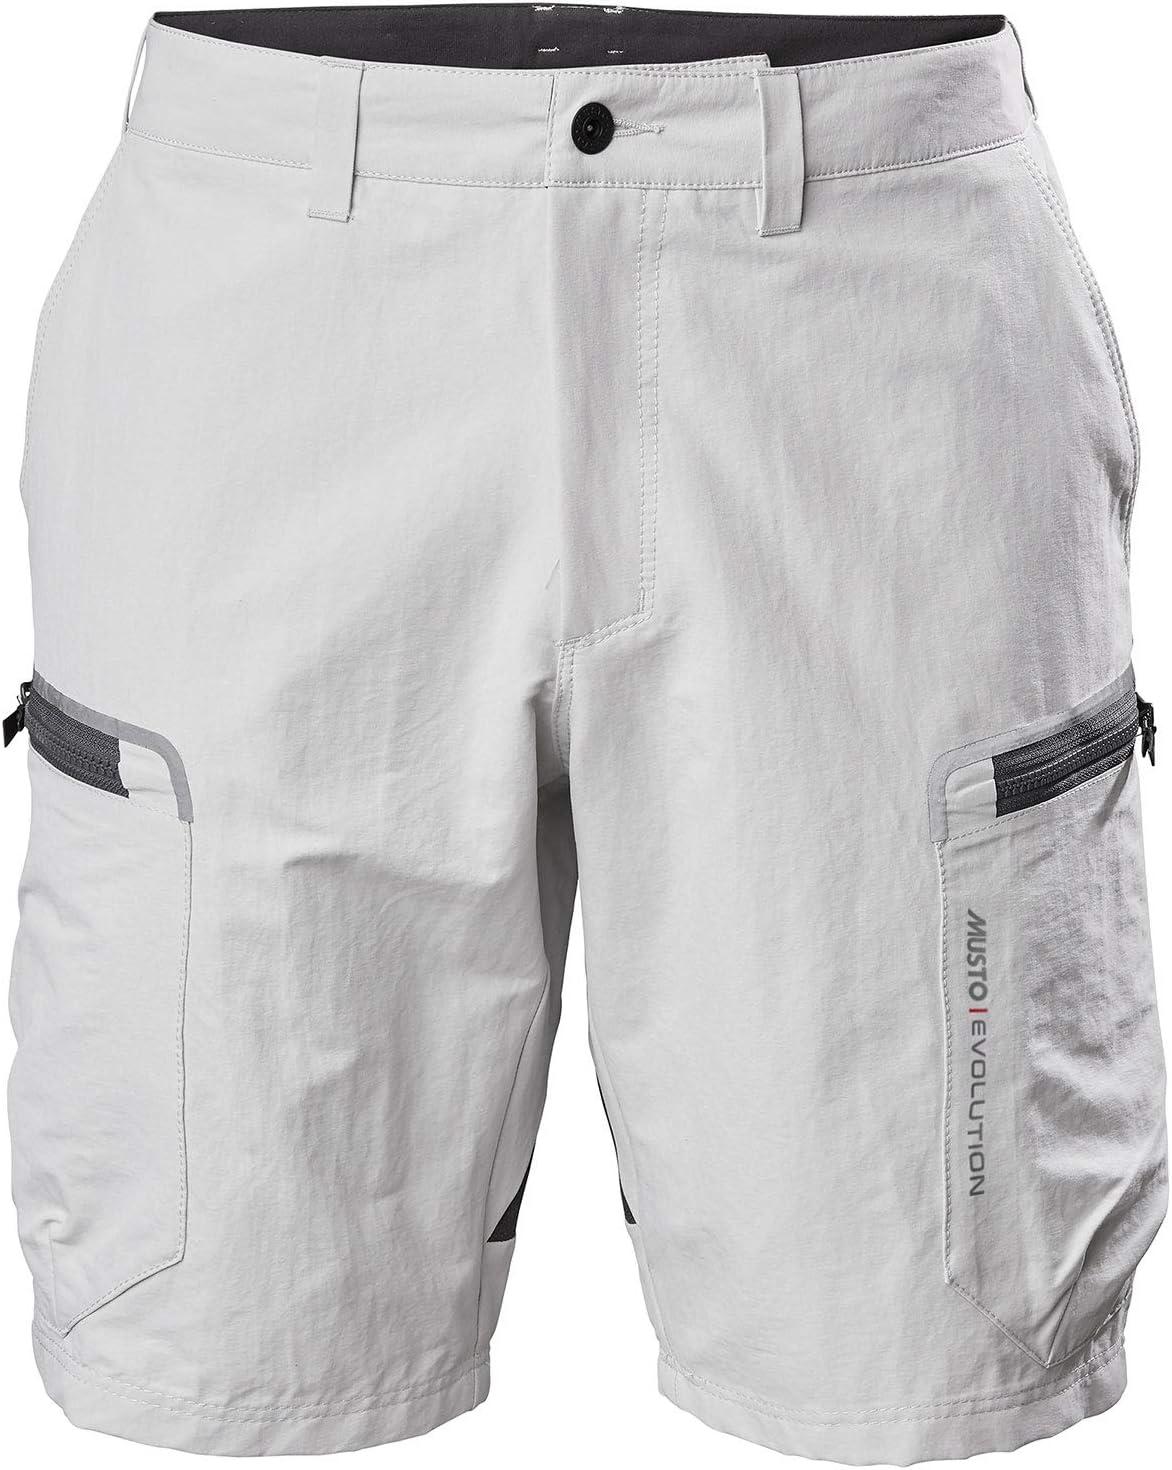 Musto 2020 Evolution Performance UV Shorts 2.0 EMST026-841 Platinum